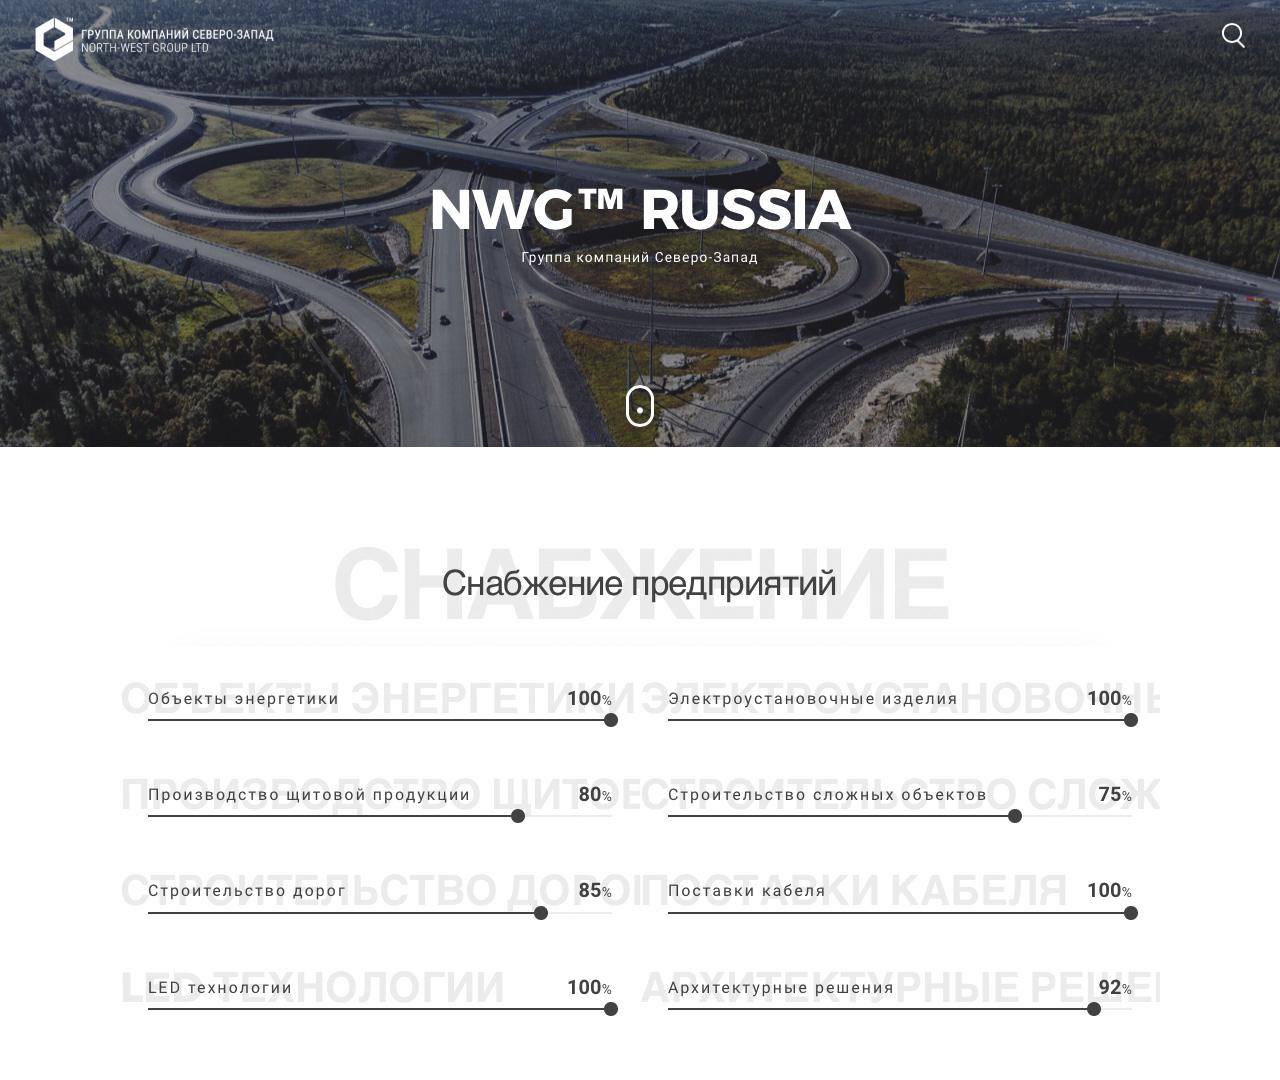 Недорогой landing page для компании North West Group